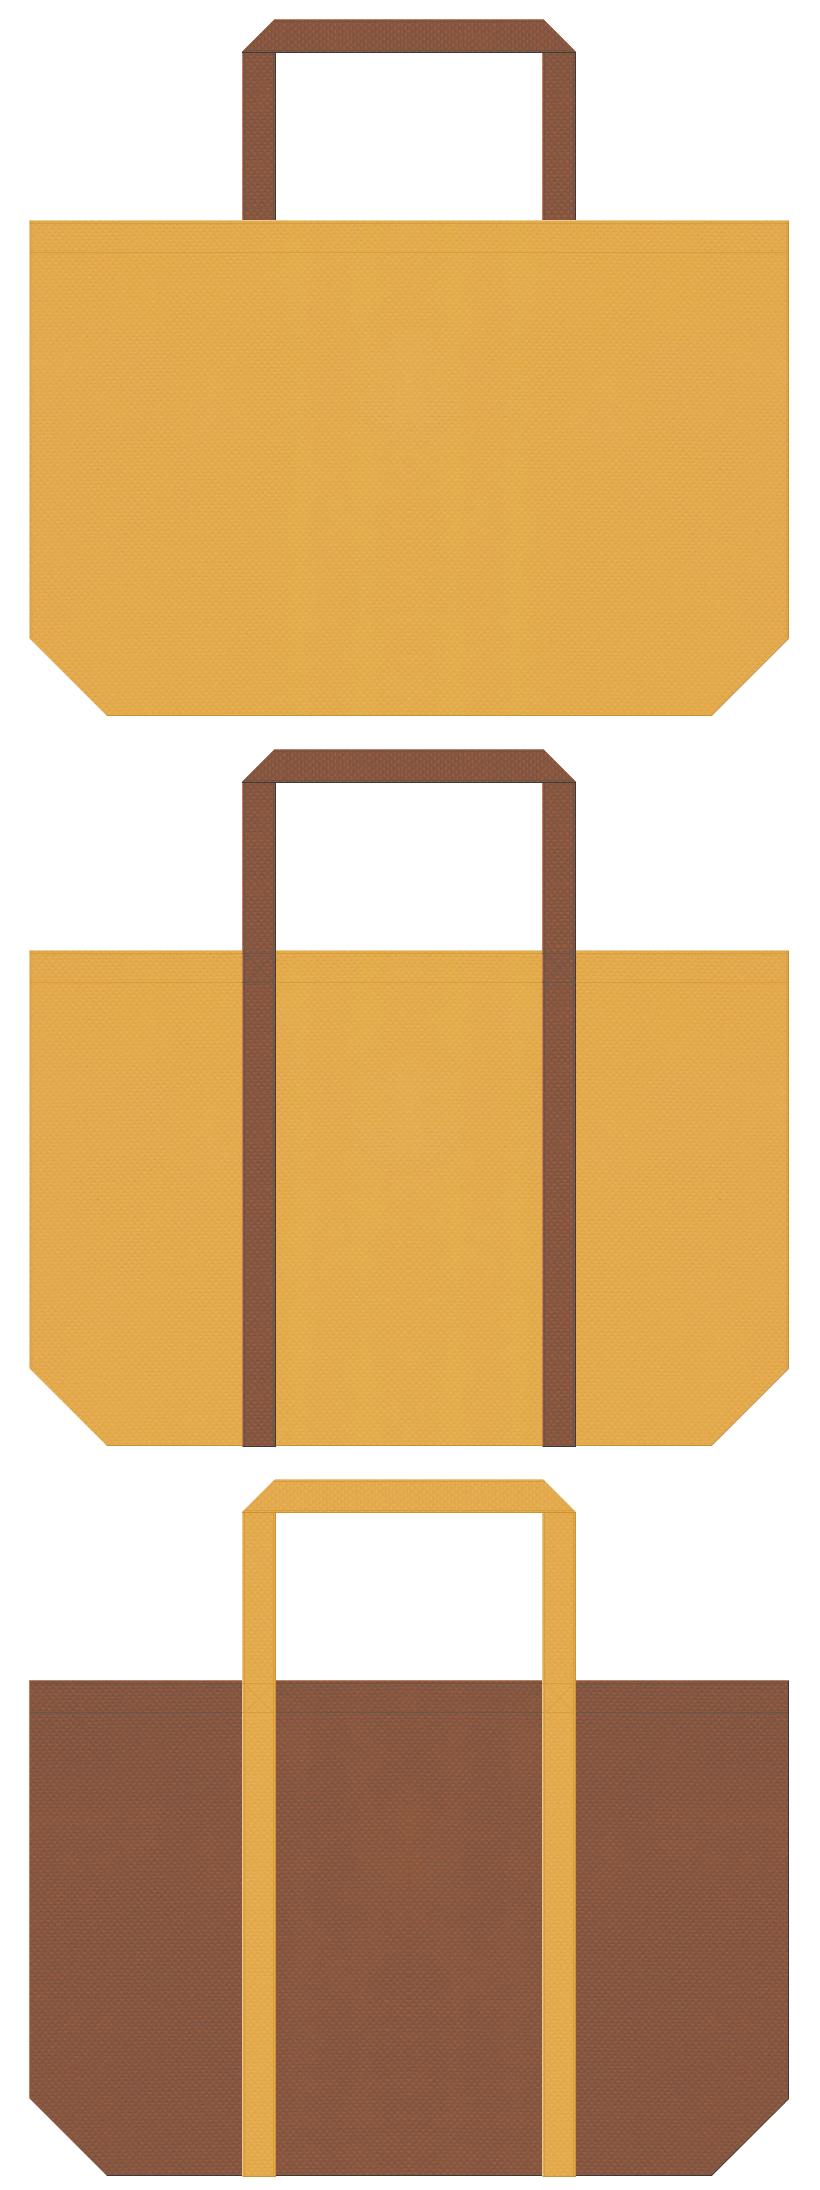 黄土色と茶色の不織布バッグデザイン。業務用フライヤー・食用油・揚げパン・ログハウス等のイメージにお奨めの配色です。